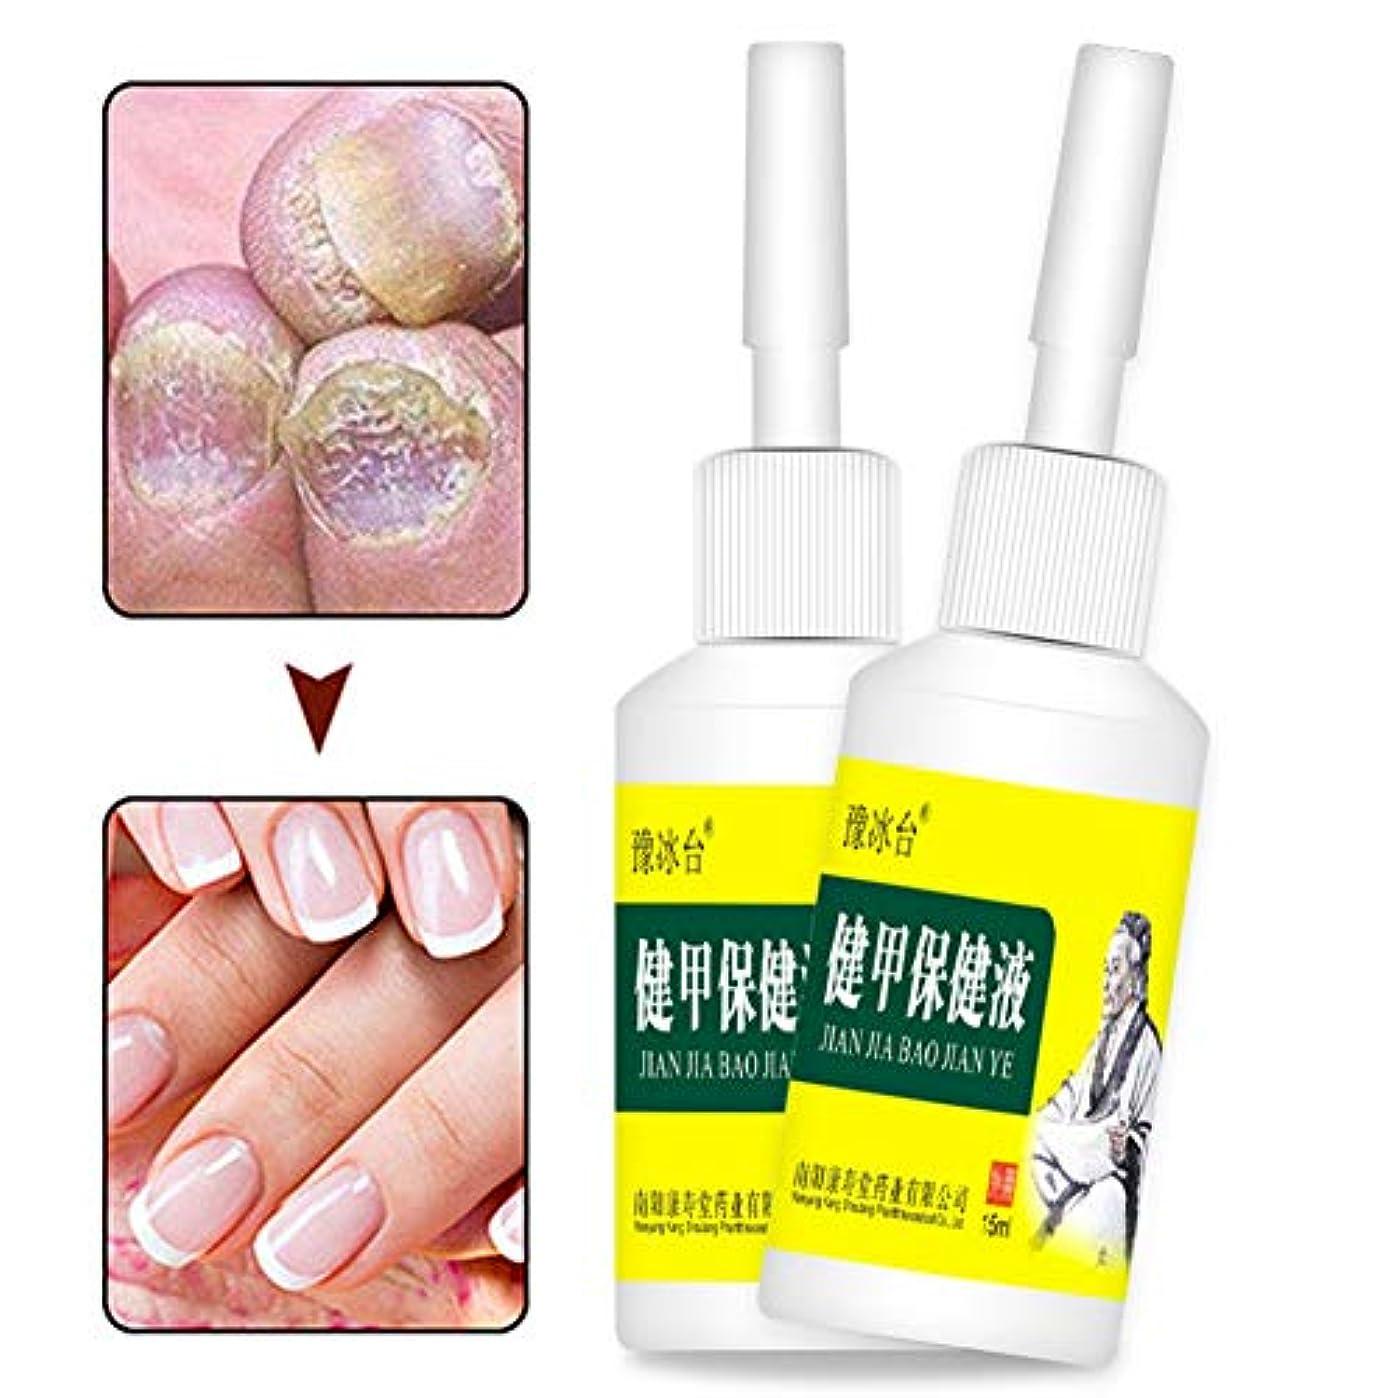 バッグストライク繰り返したTerGOOSE 足爪用補修液 抗真菌 爪白癬の弱点を攻める 複合タイプ 爪用除菌ケア 灰指甲 爪真菌症 ネイル抗真菌治療 足爪の変色 白癬 変形 質感などでお困りの方に 3点セット